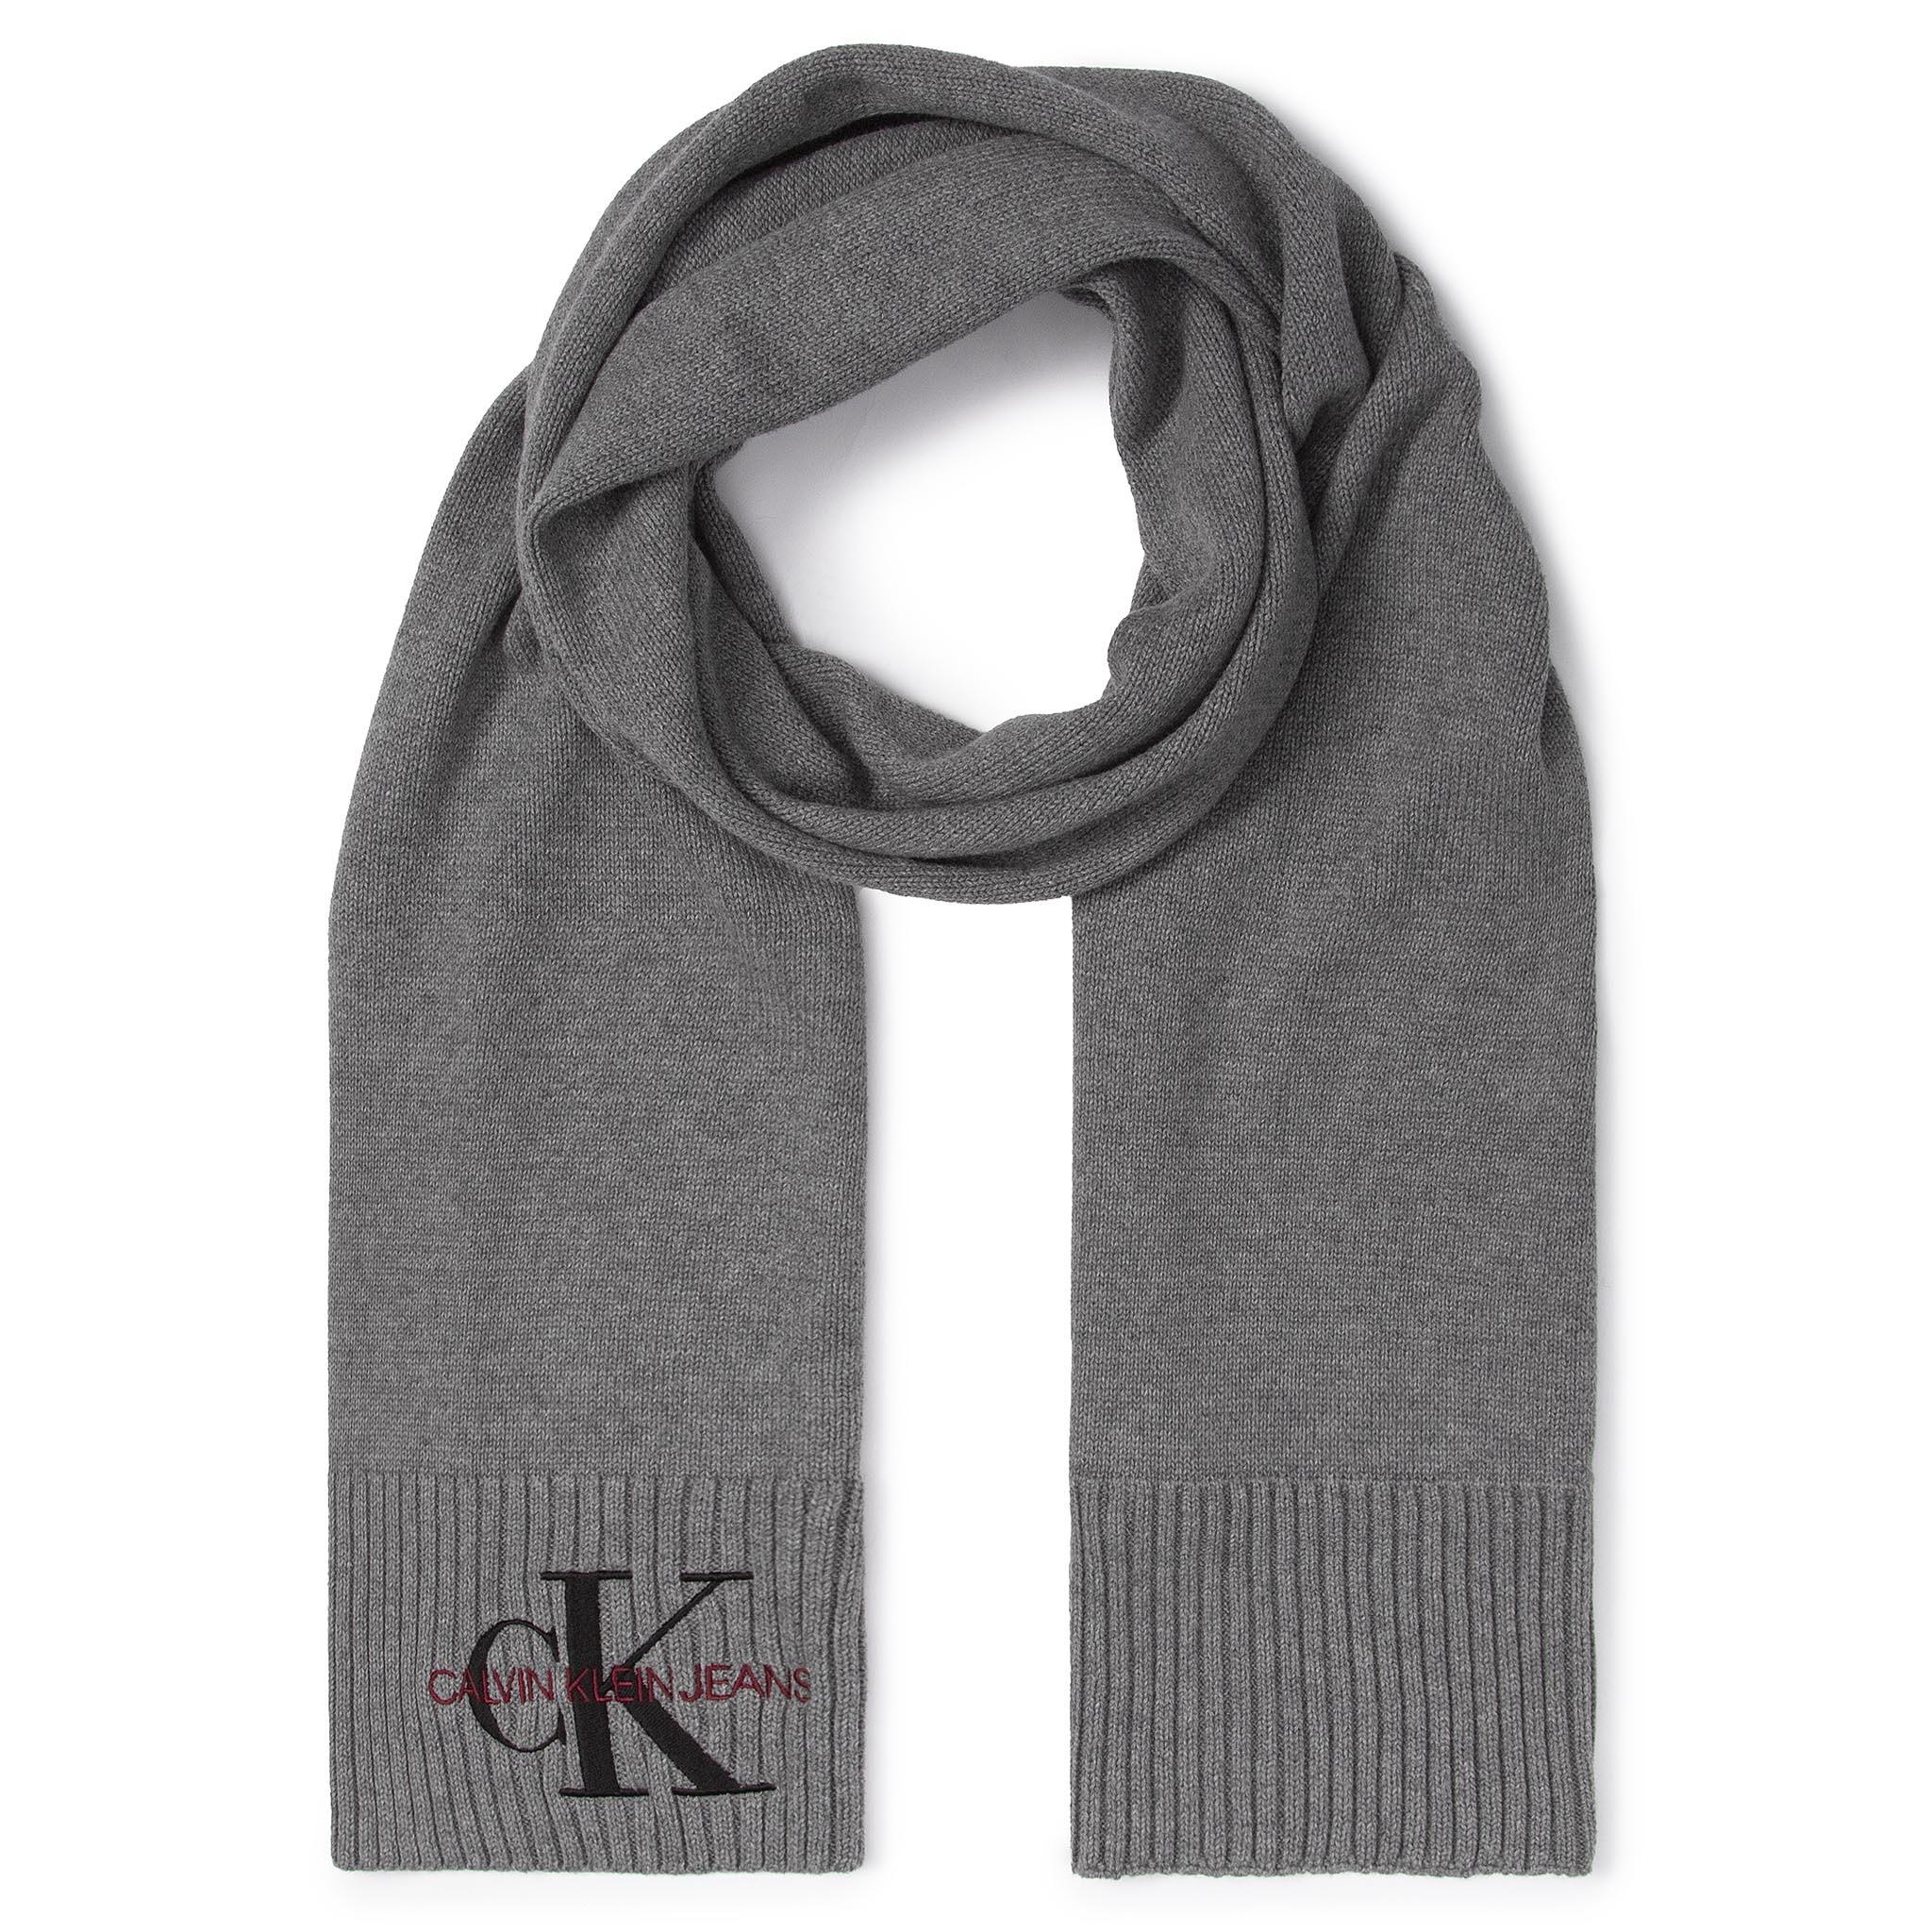 Fular CALVIN KLEIN JEANS - J Basic Women Knitted Scarf K60K605825 P01